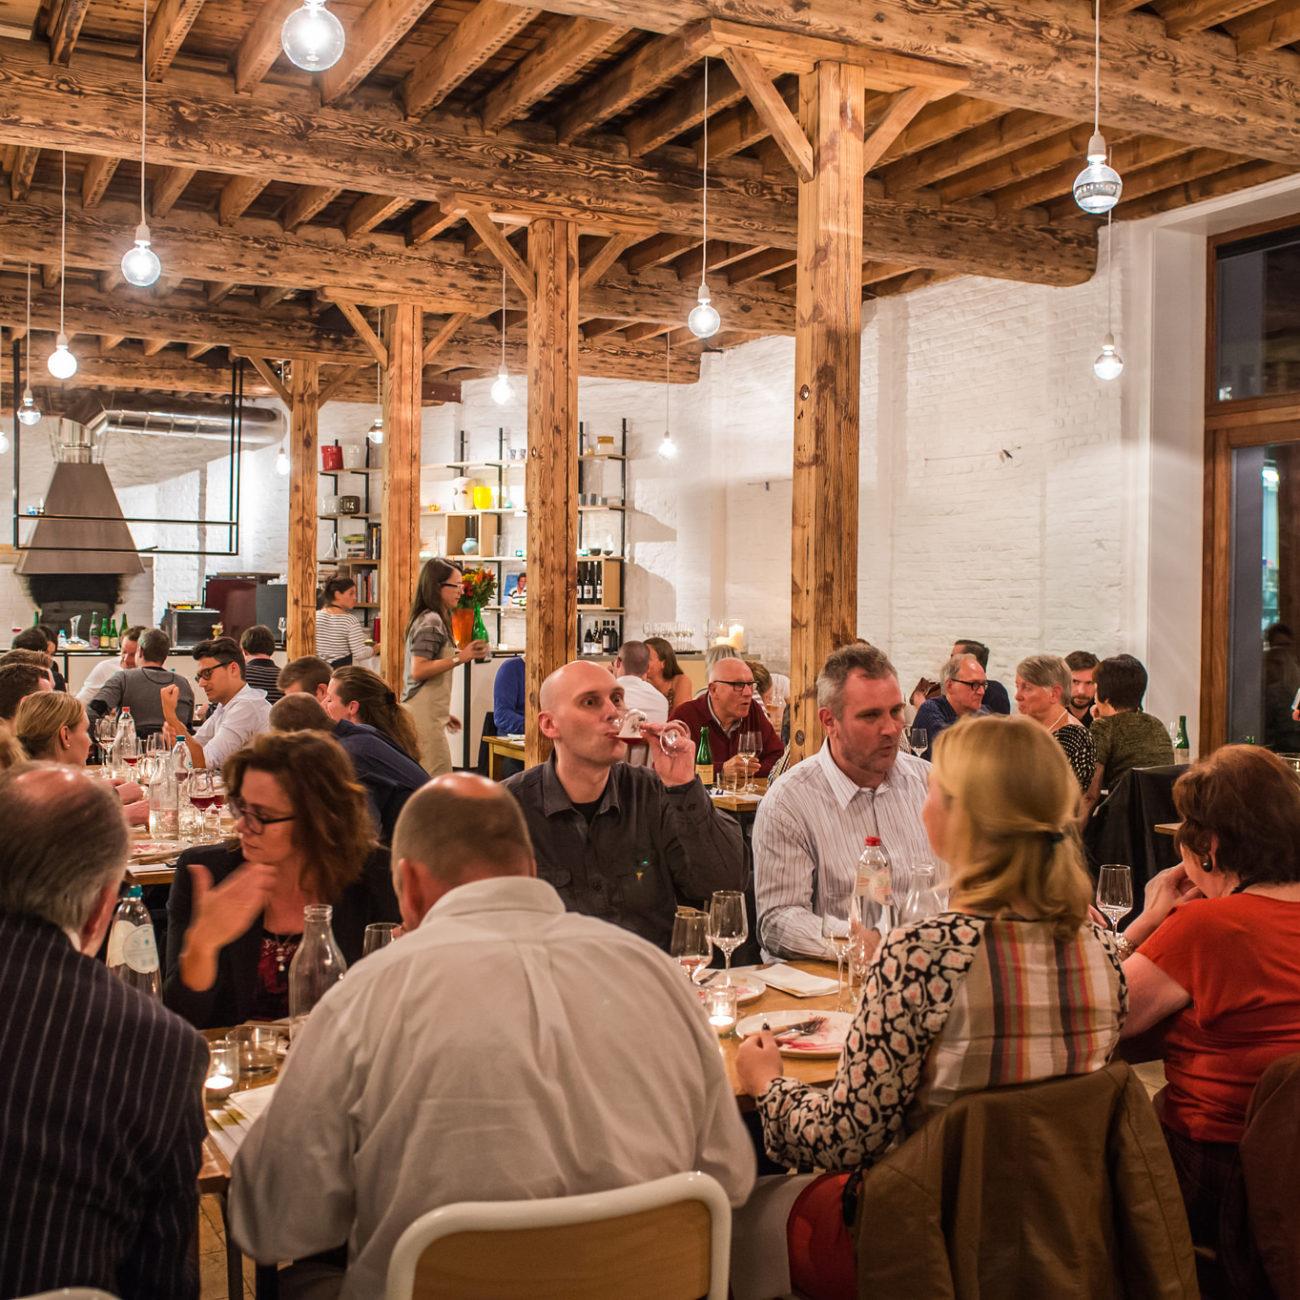 Een restaurant met lange tafels vol gasten. Stoere houten balken erboven